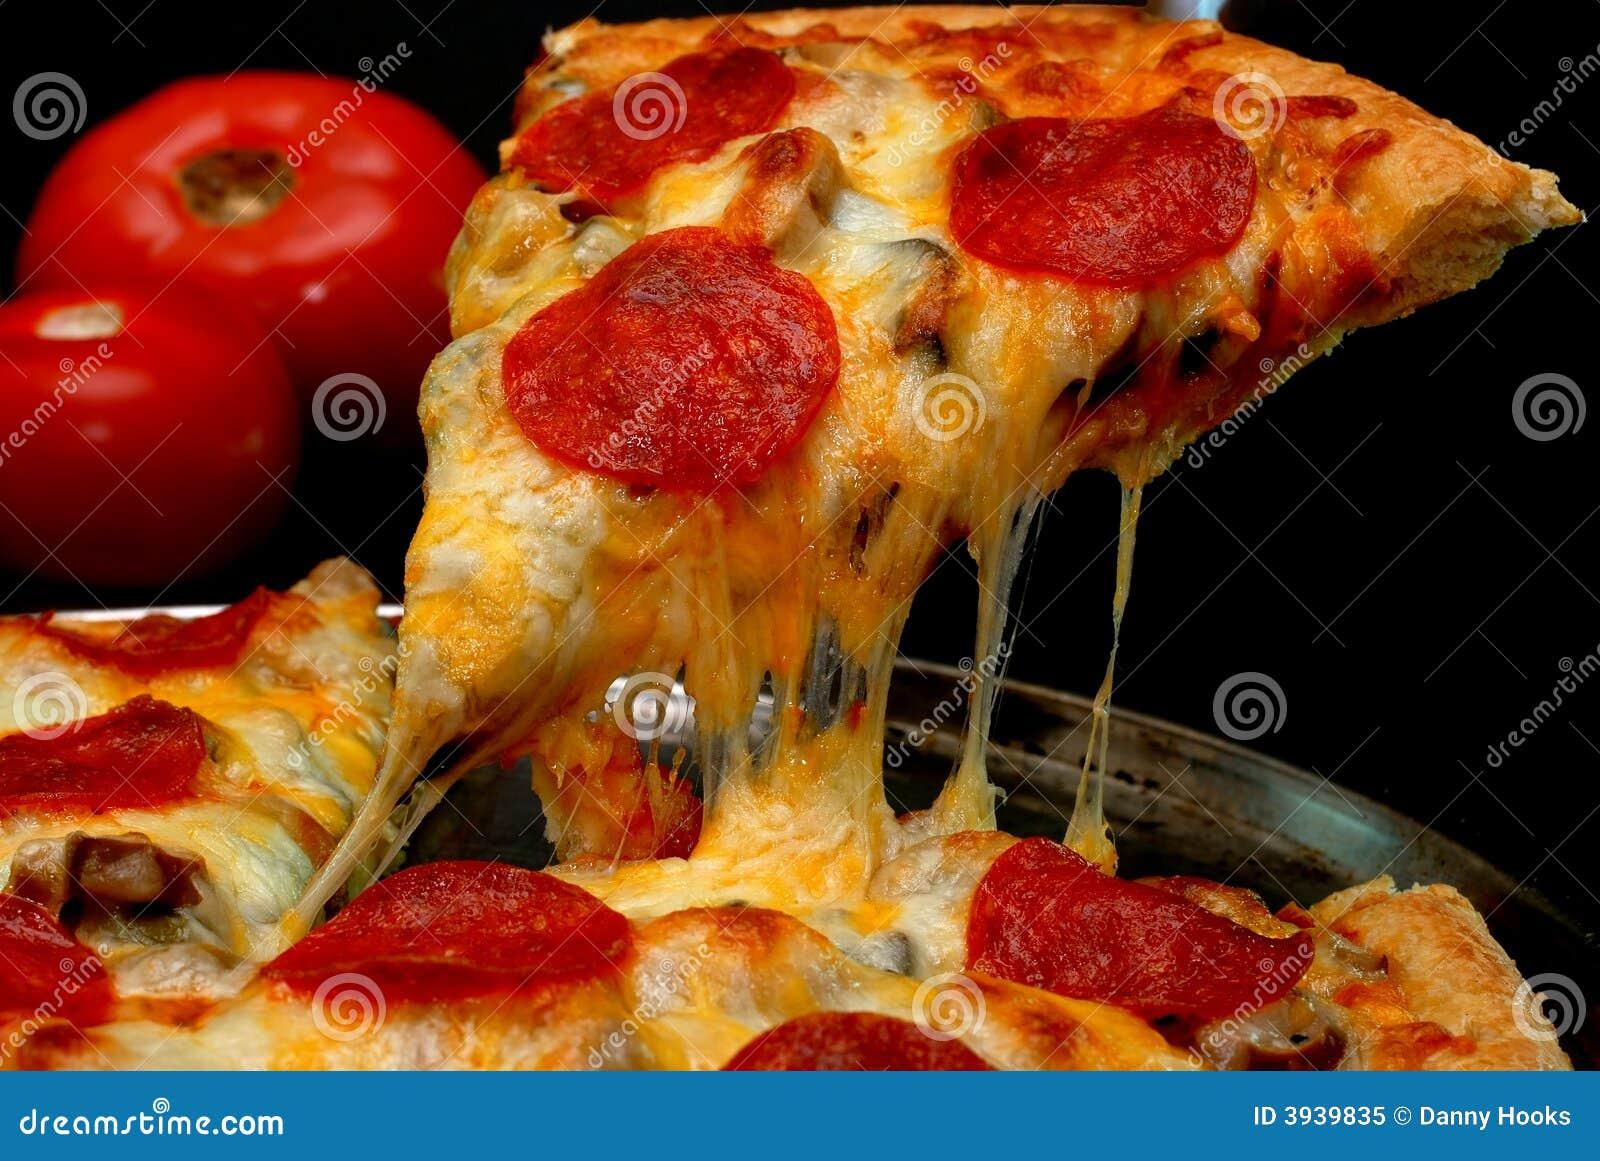 Kawałek pizzy pepperoni